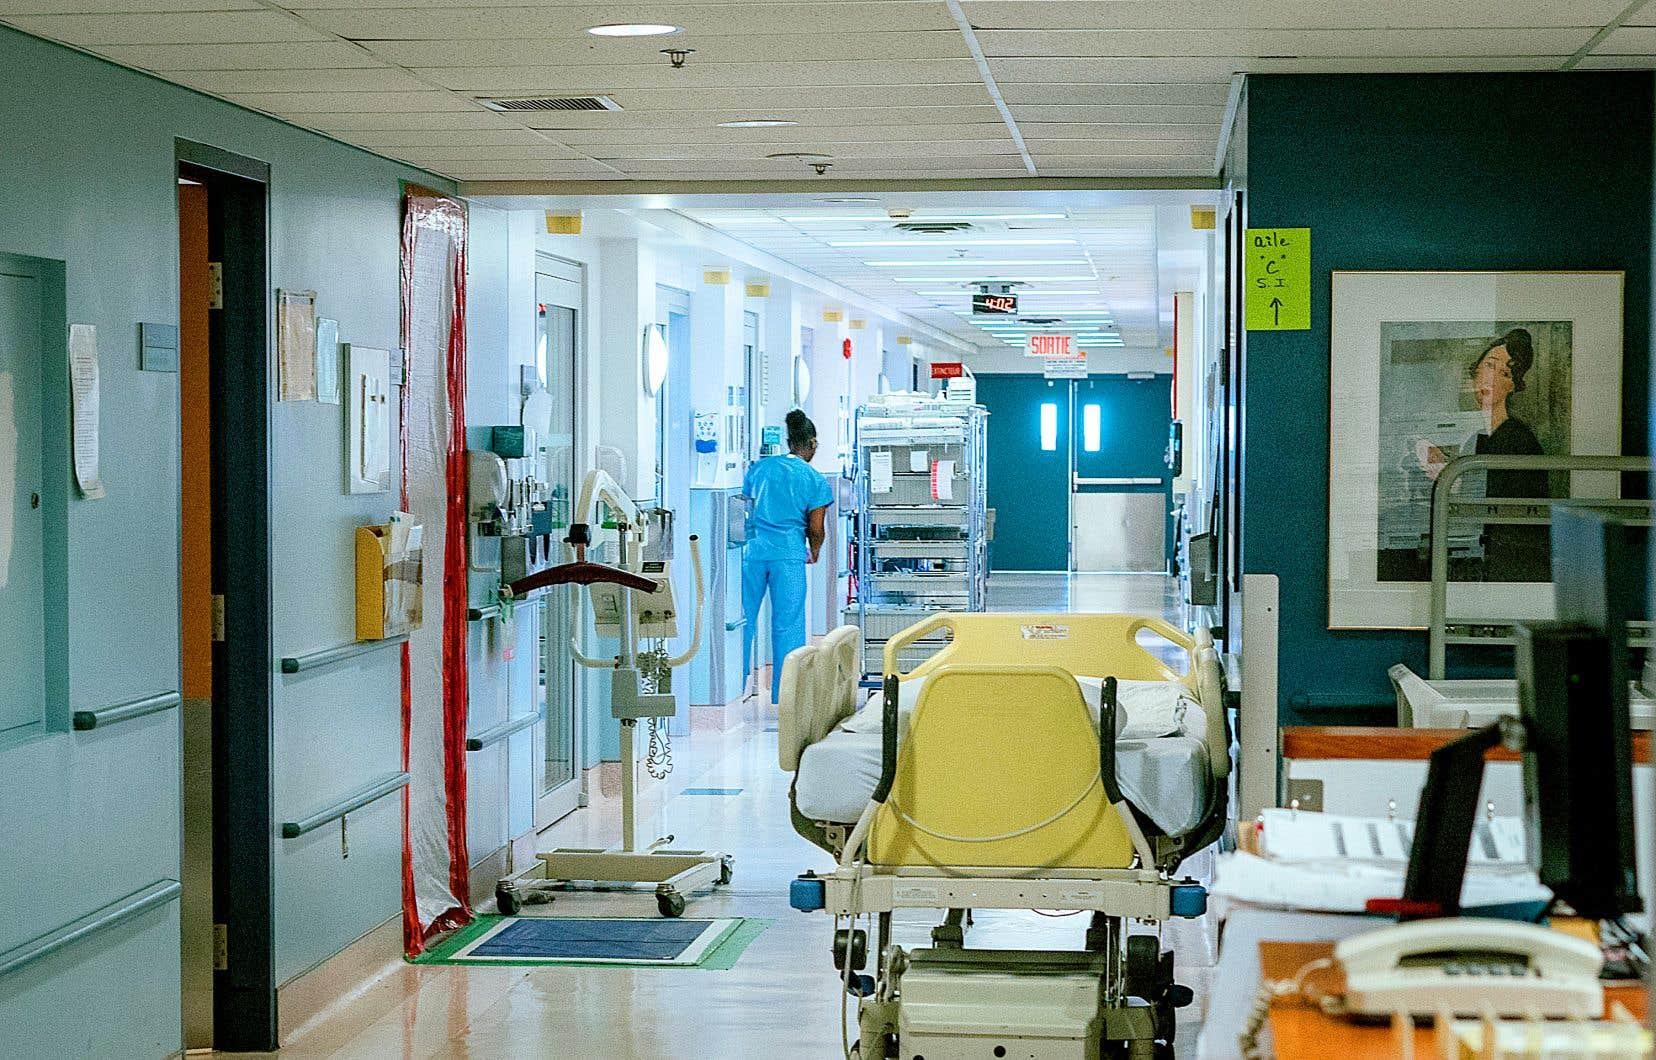 Il manque d'infirmières et d'infirmières auxiliaires dans le réseau de la santé. Mais que faire pour contrer la pénurie de personnel à court terme?